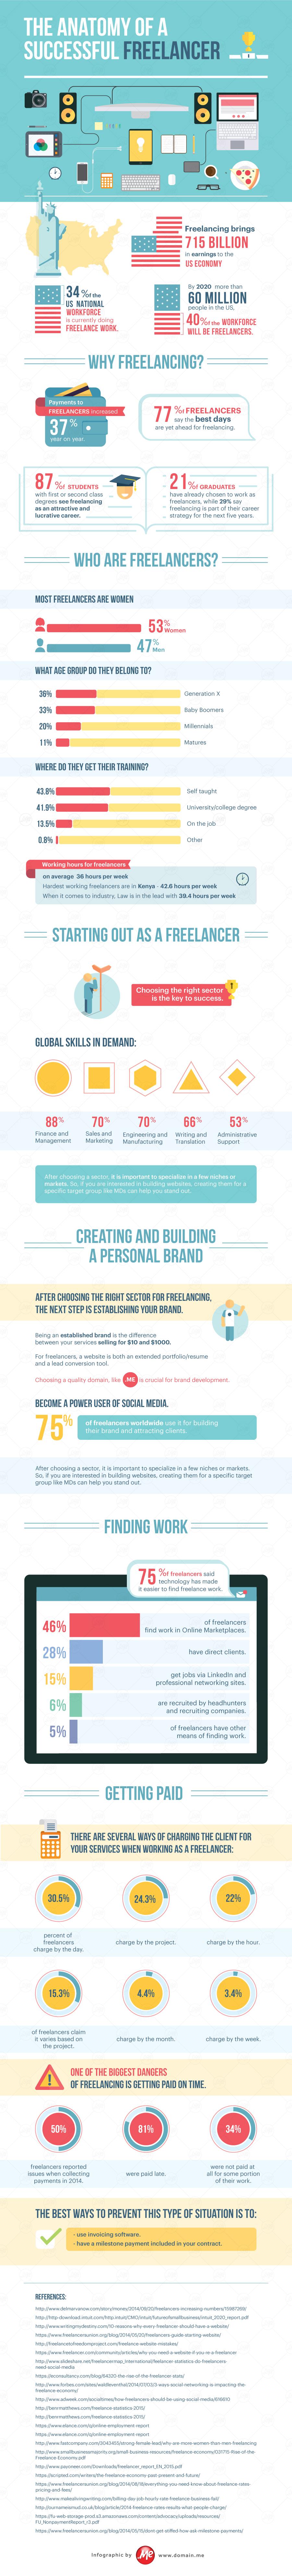 La anatomía del freelancer exitoso